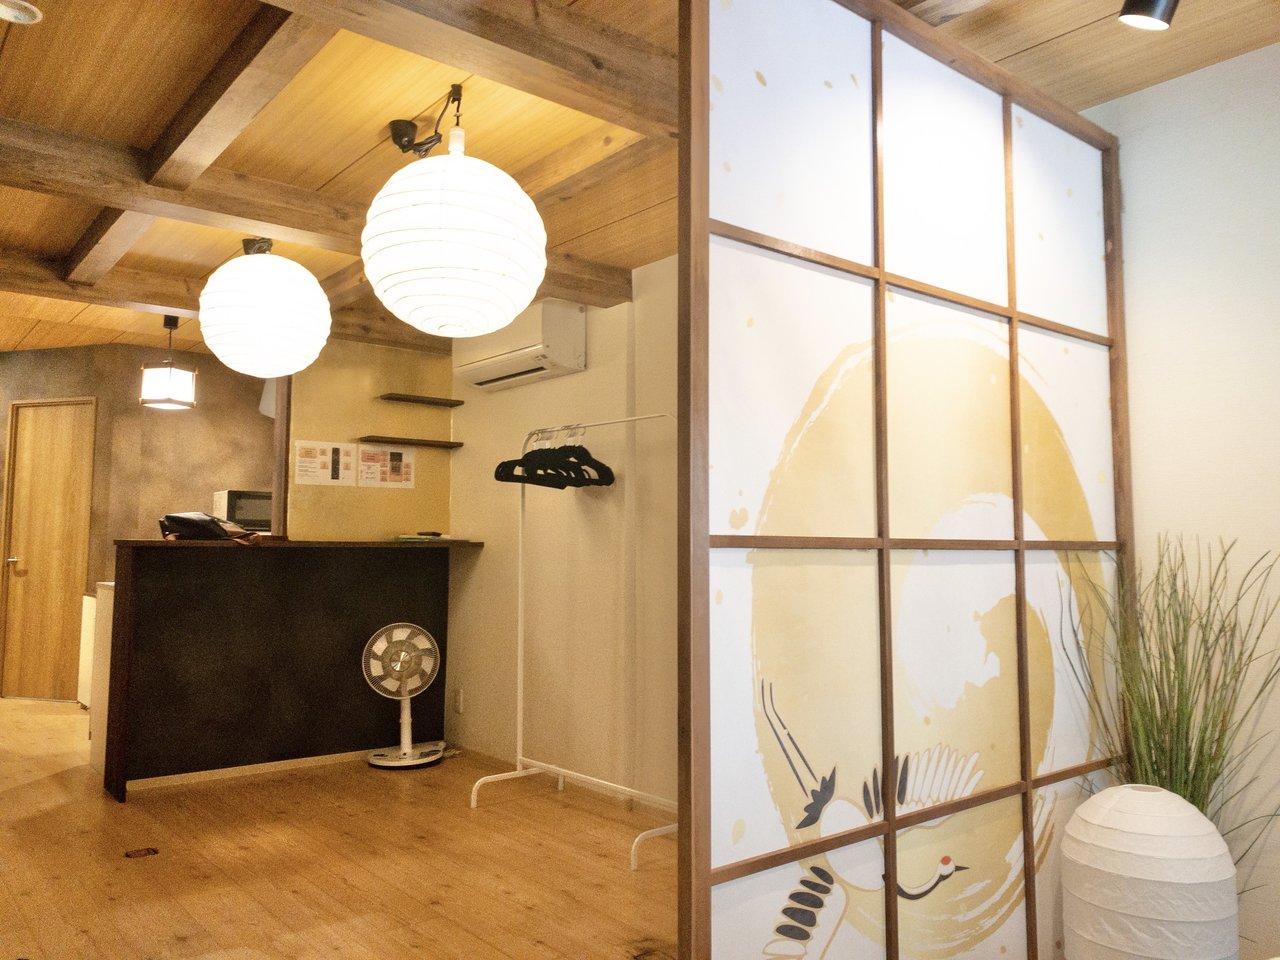 玄関から入ると、温かみのある和紙の照明と、鶴の屏風がお出迎えしてくれます。